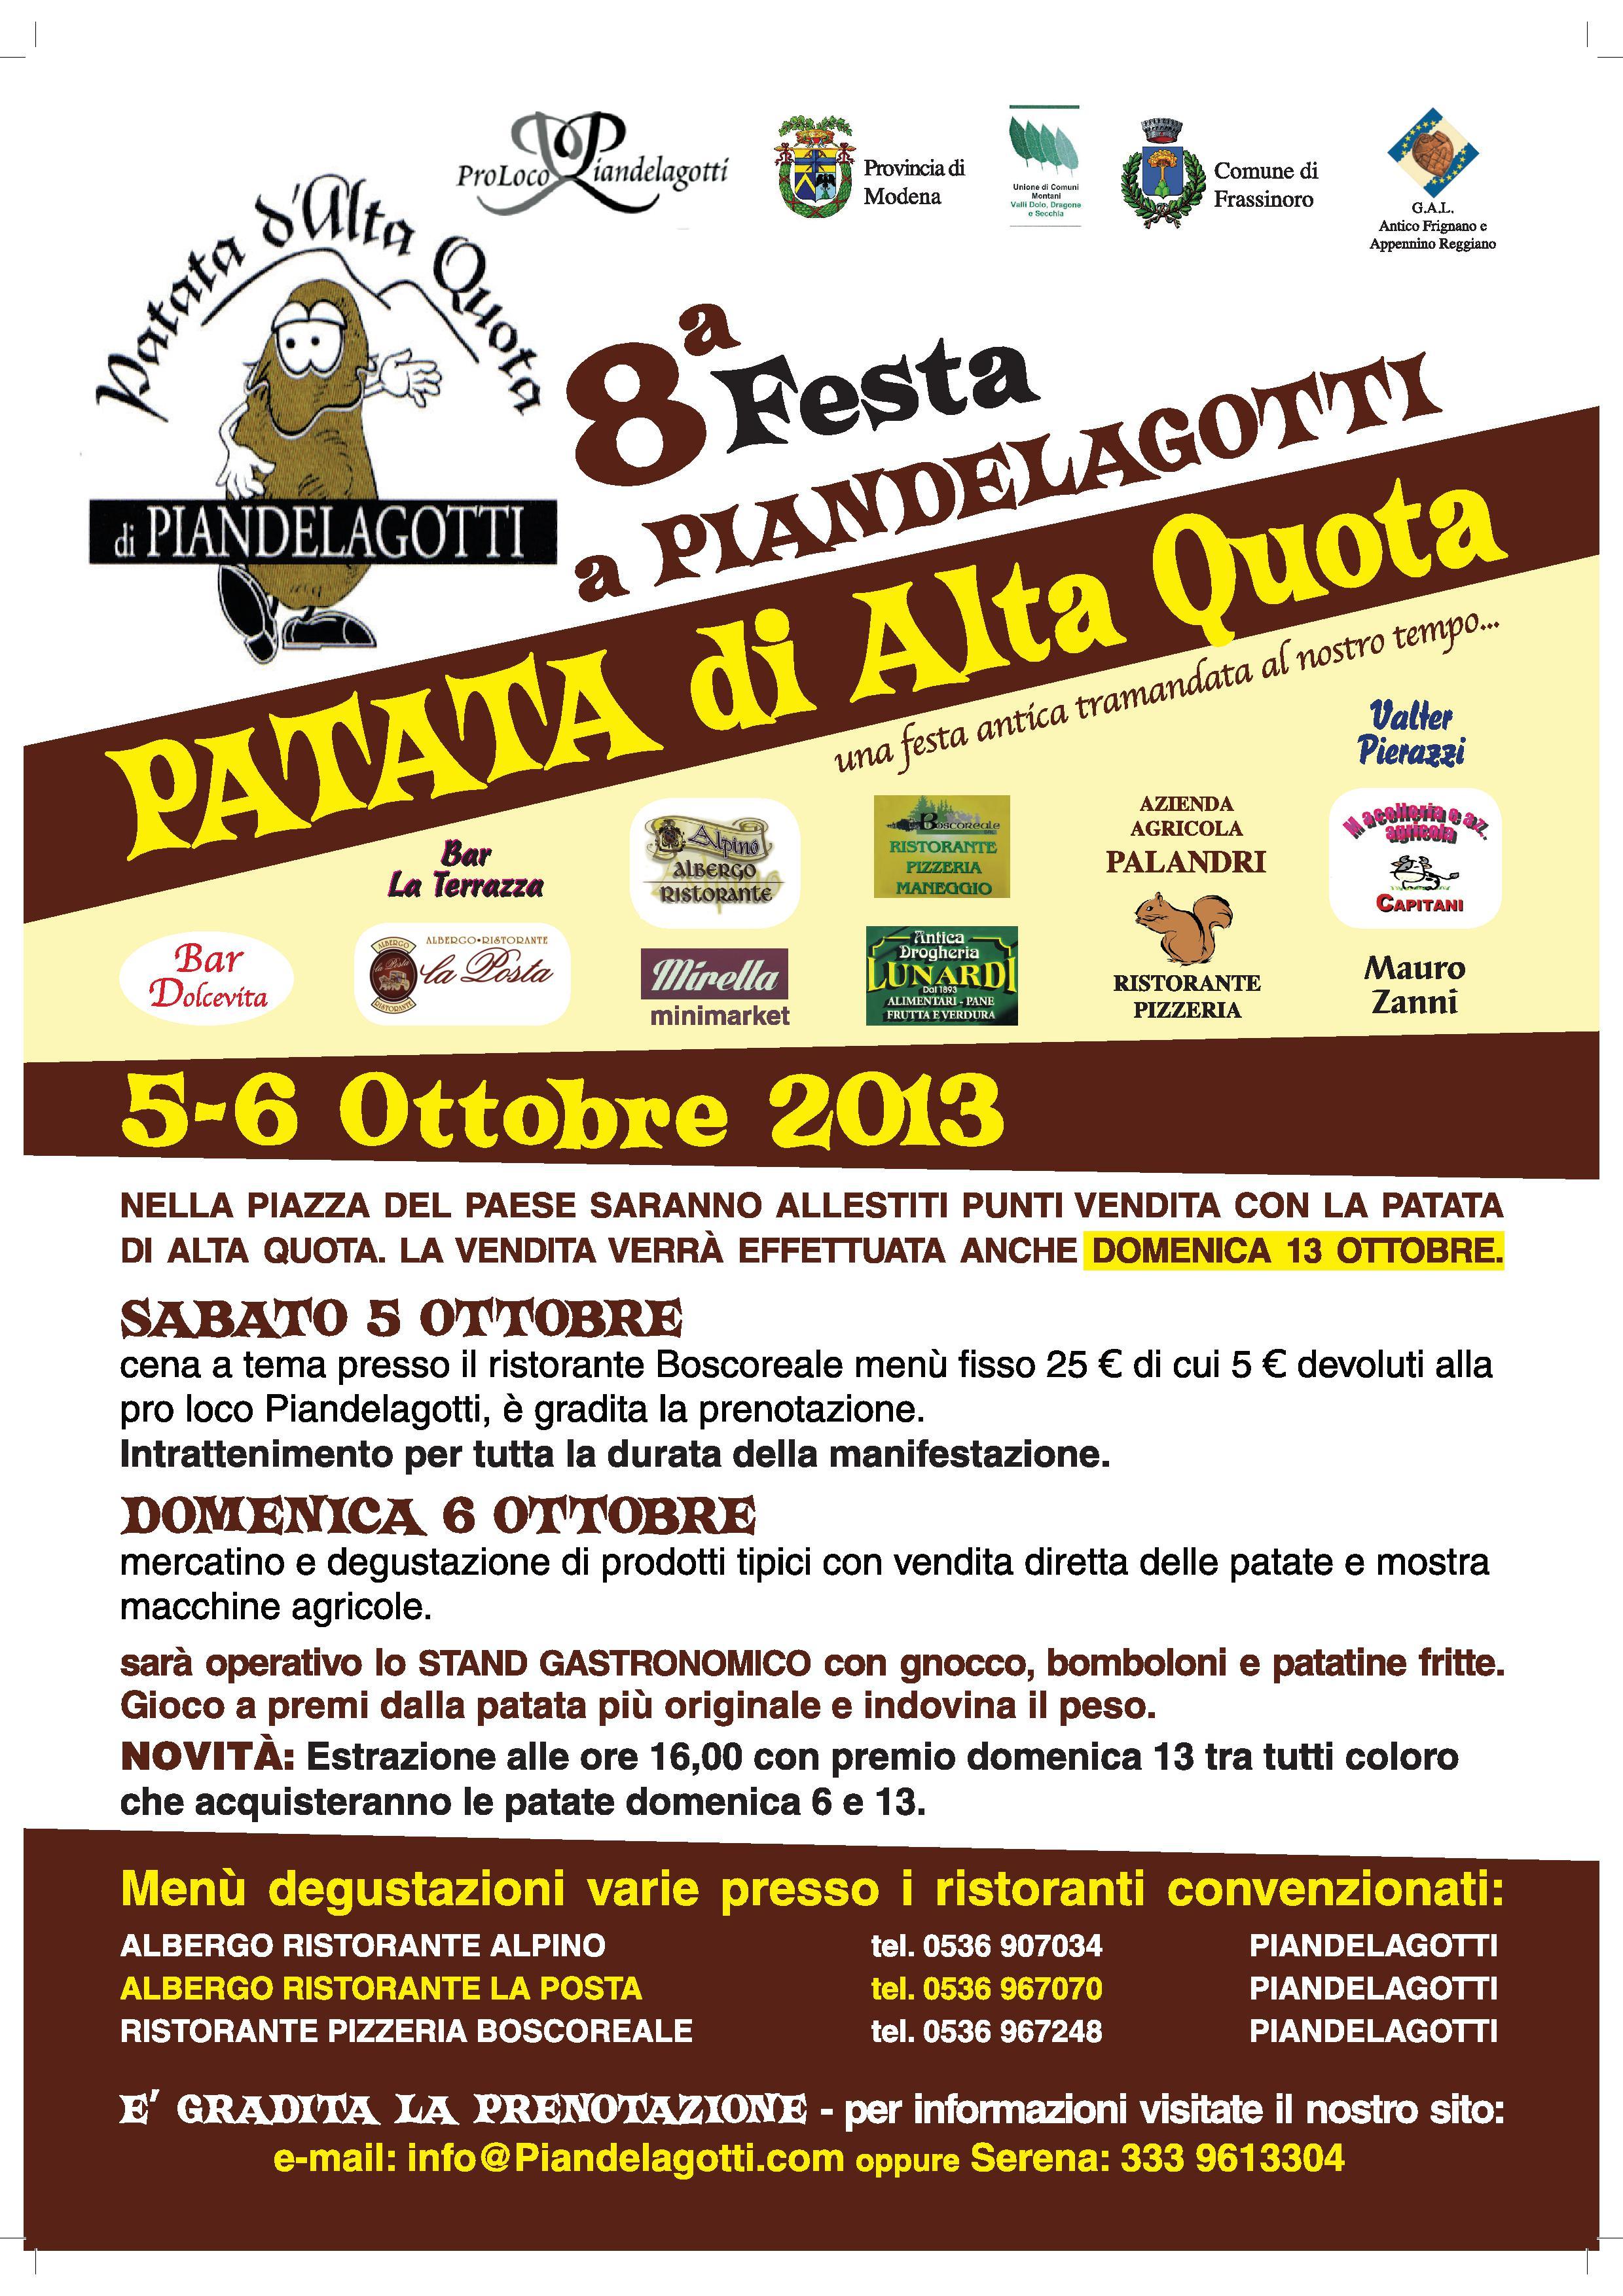 8° Festa a Piandelagotti PATATA DI ALTA QUOTA